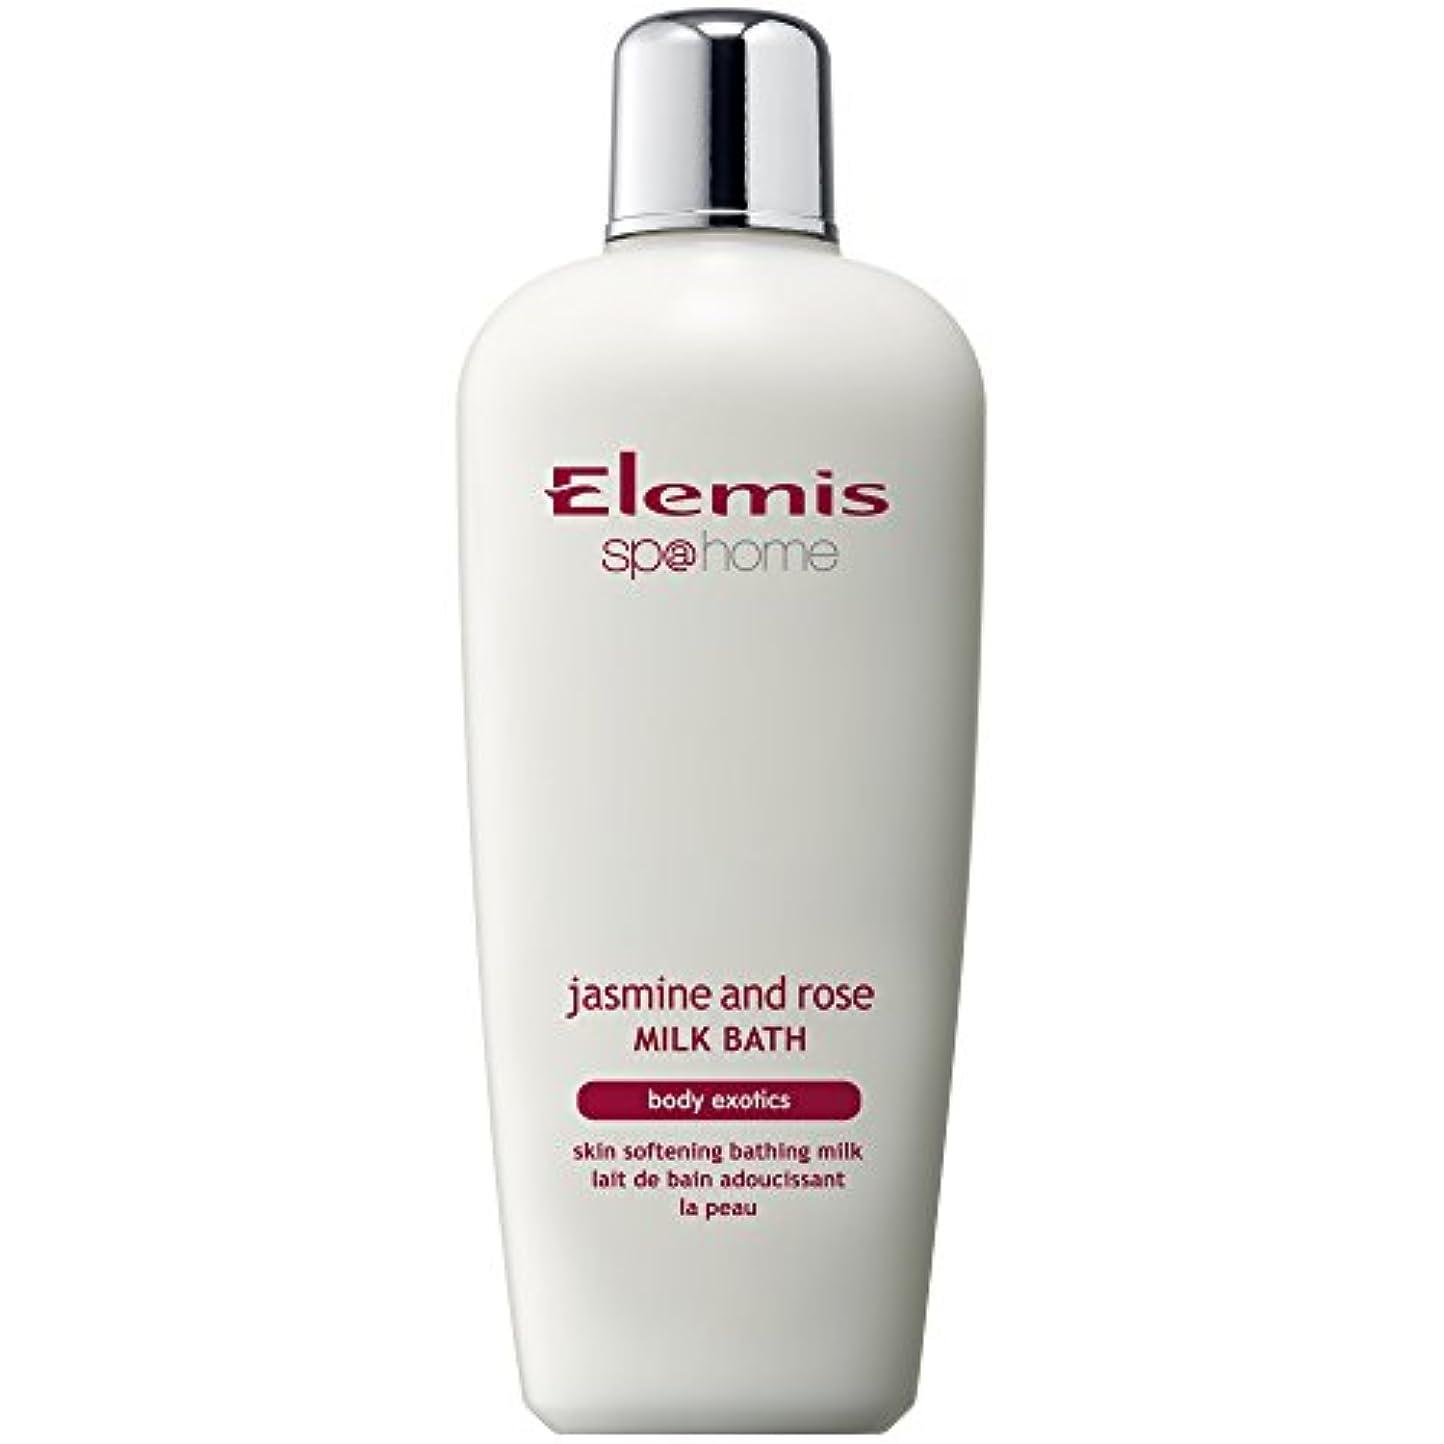 とらえどころのない恐れカナダエレミスのジャスミン、ローズミルクバスの400ミリリットル (Elemis) - Elemis Jasmine And Rose Milk Bath 400ml [並行輸入品]